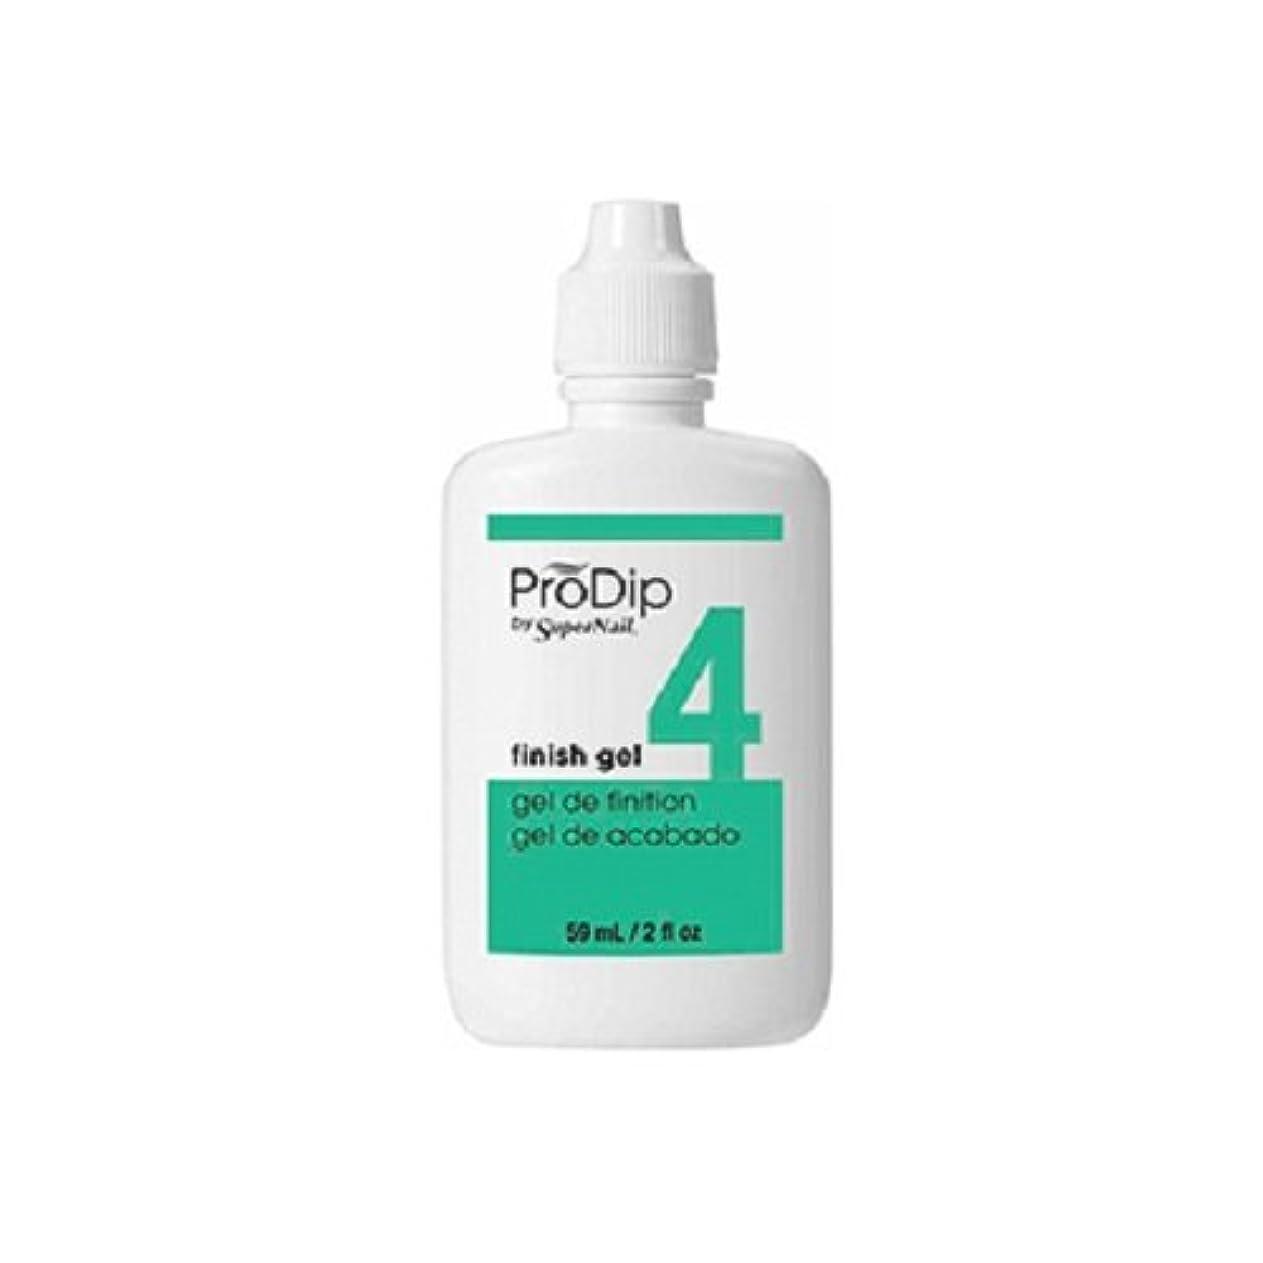 スタッフ逃れる登録SuperNail ProDip - Finish Gel - 59 ml/2 oz